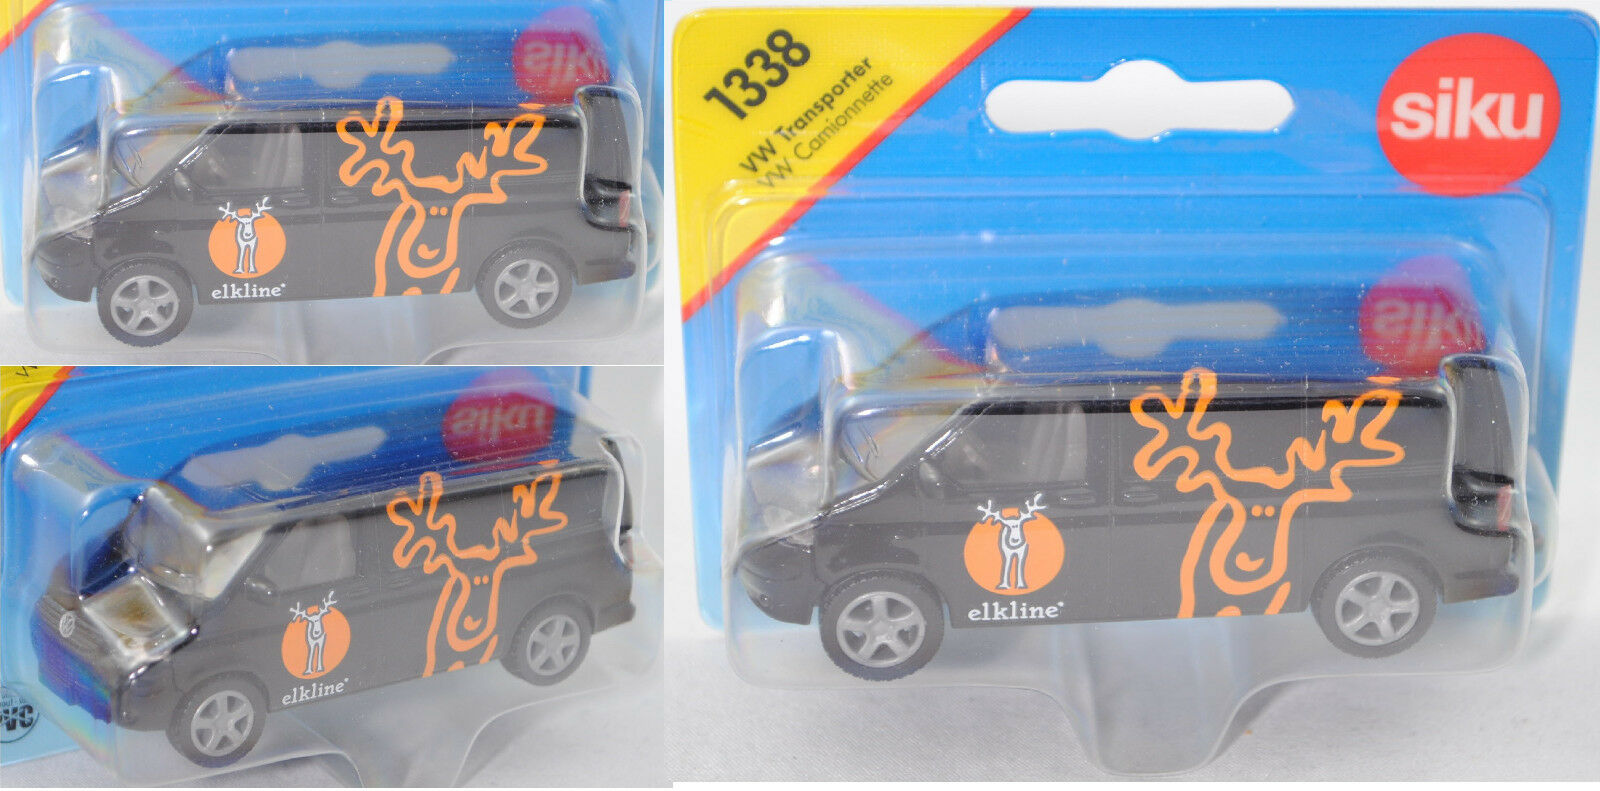 SIKU SUPER 1338 00421 vw t5 transporteur, Elkline ®, modèle spécial